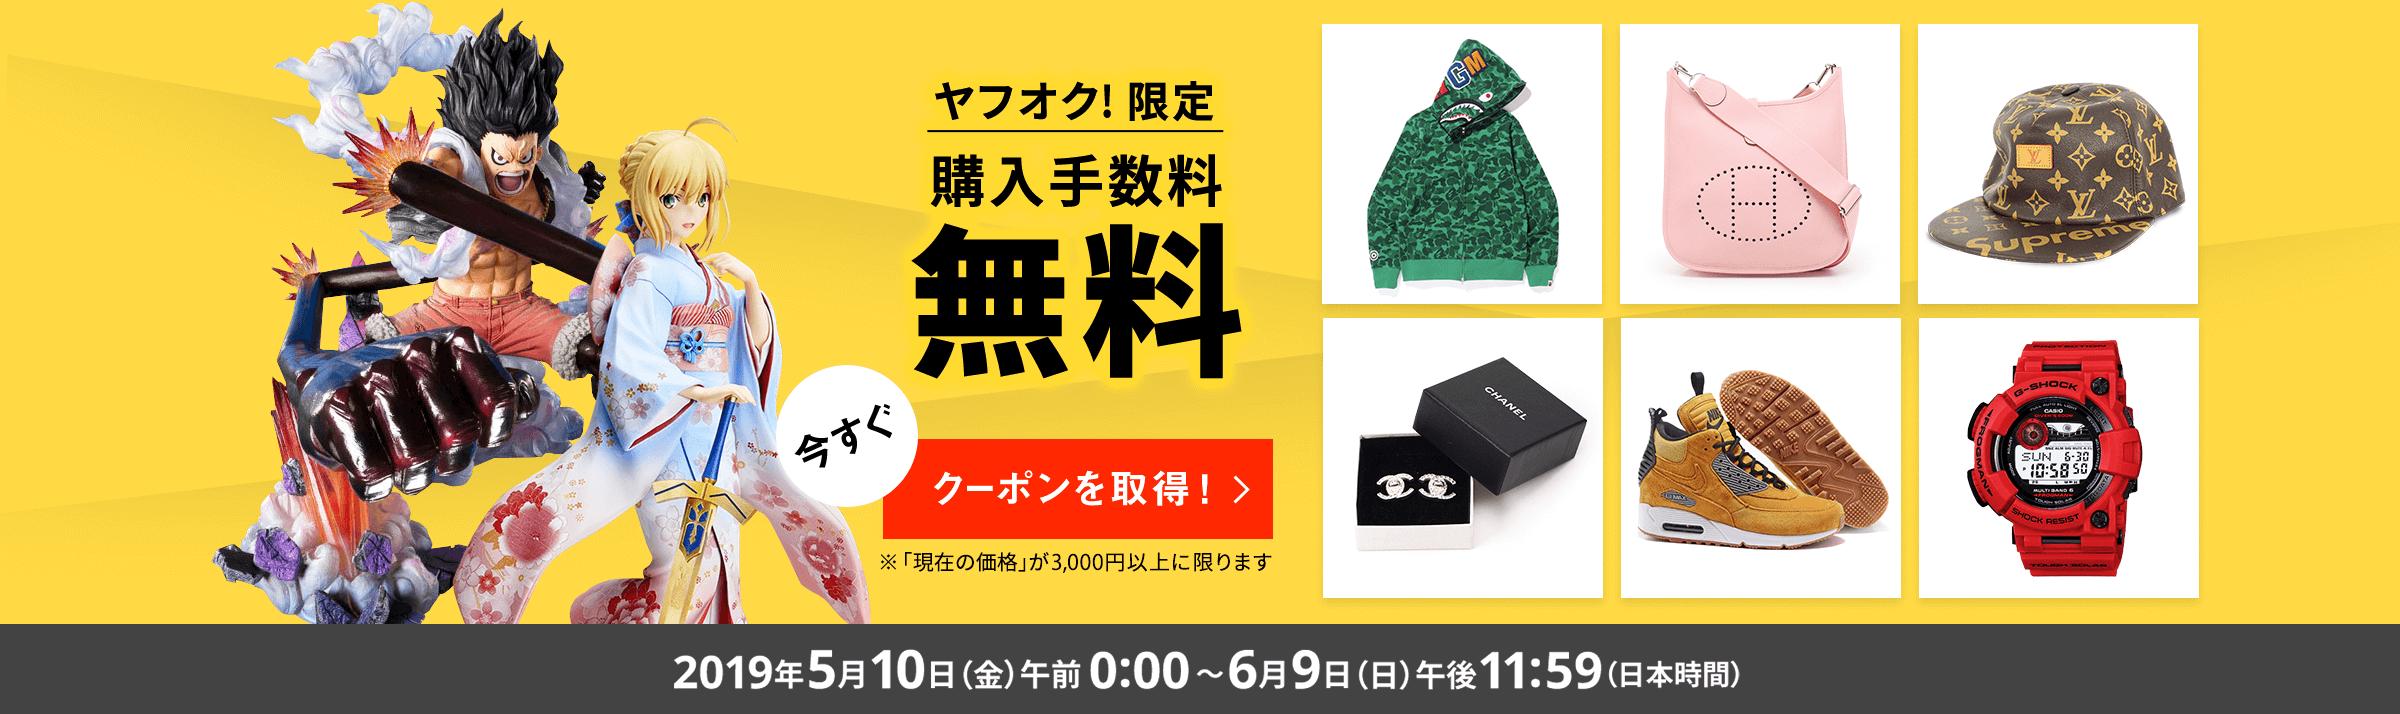 20190510 ヤフオク! 限定 購入手数料無料クーポン